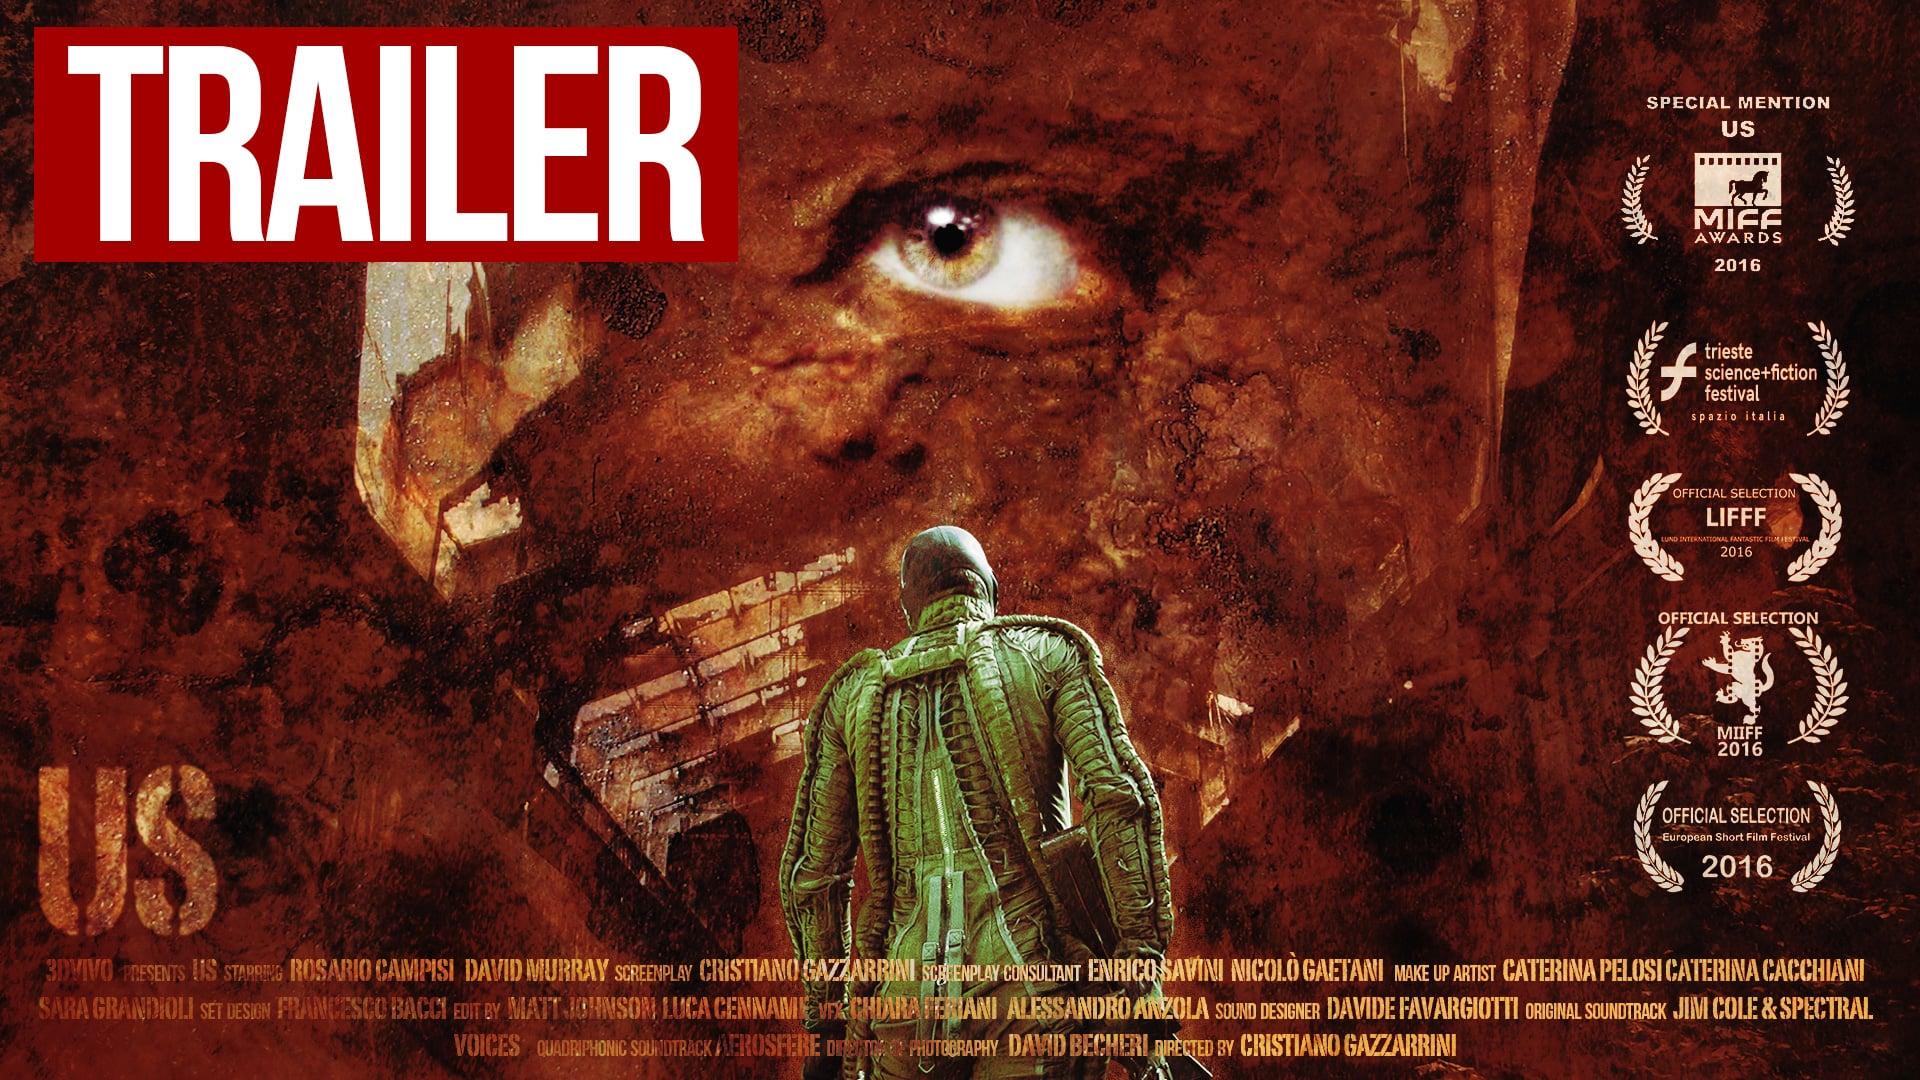 US directed by Cristiano Gazzarrini